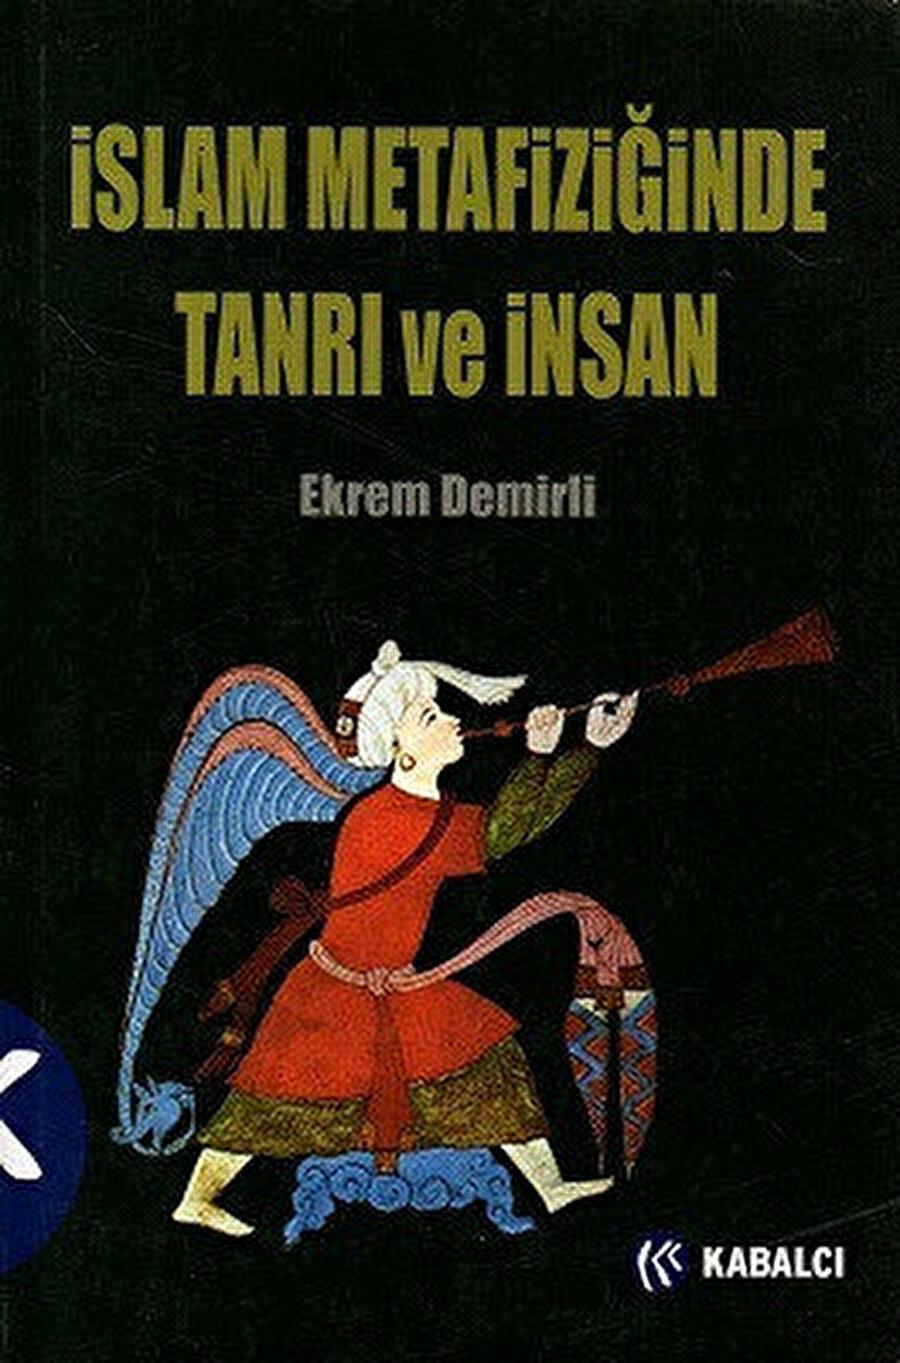 İslam Metafiziğinde Tanrı ve İnsan, Ekrem Demirli, Kabalcı, 2012